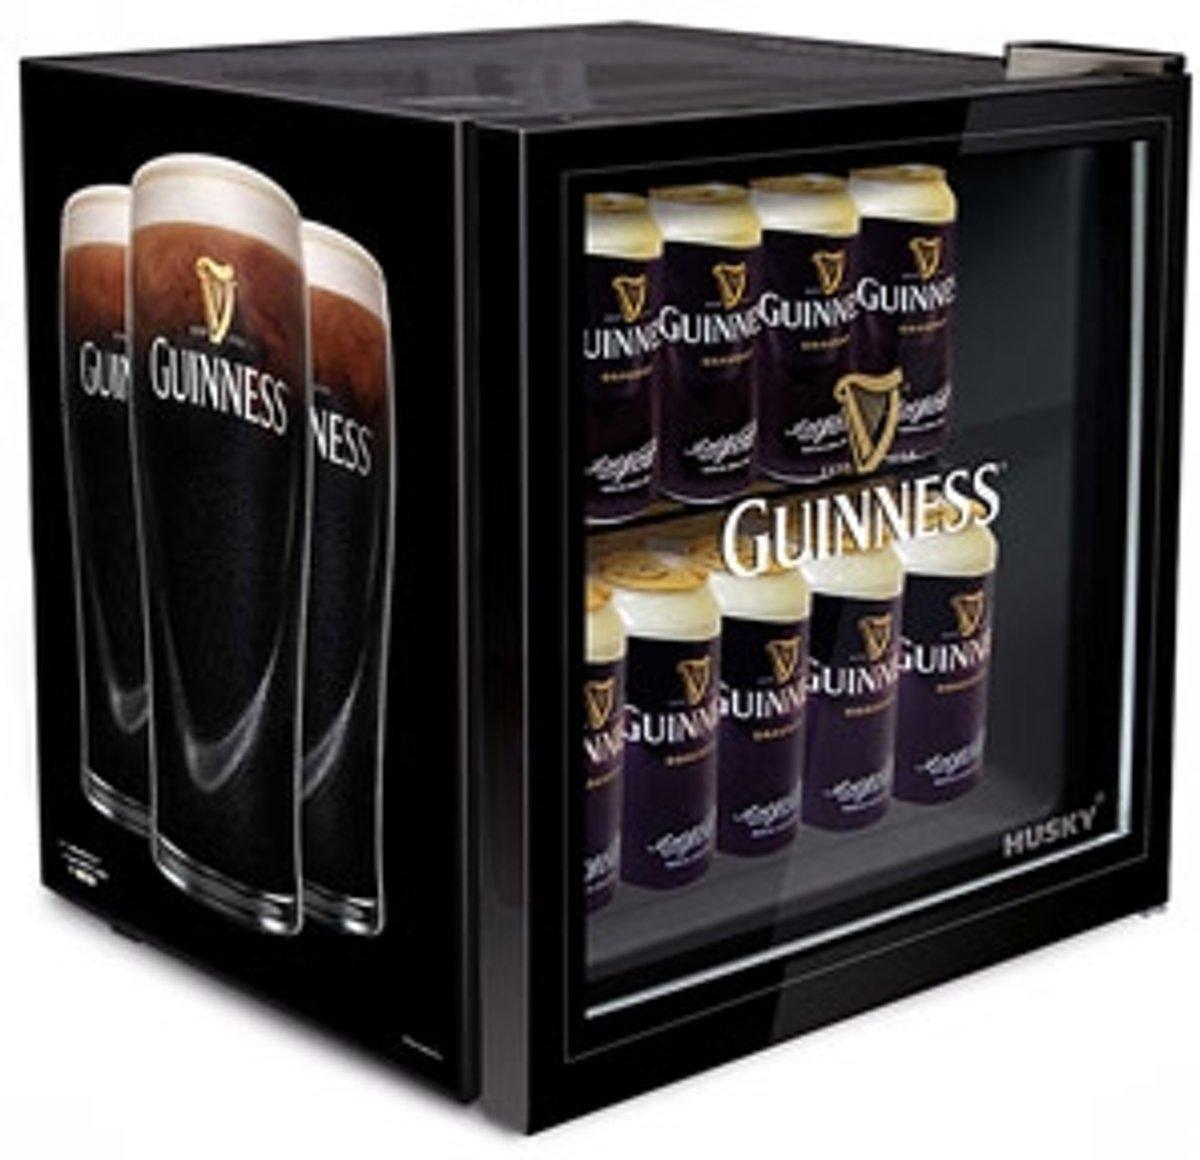 Guinness Mini Koelkast kopen